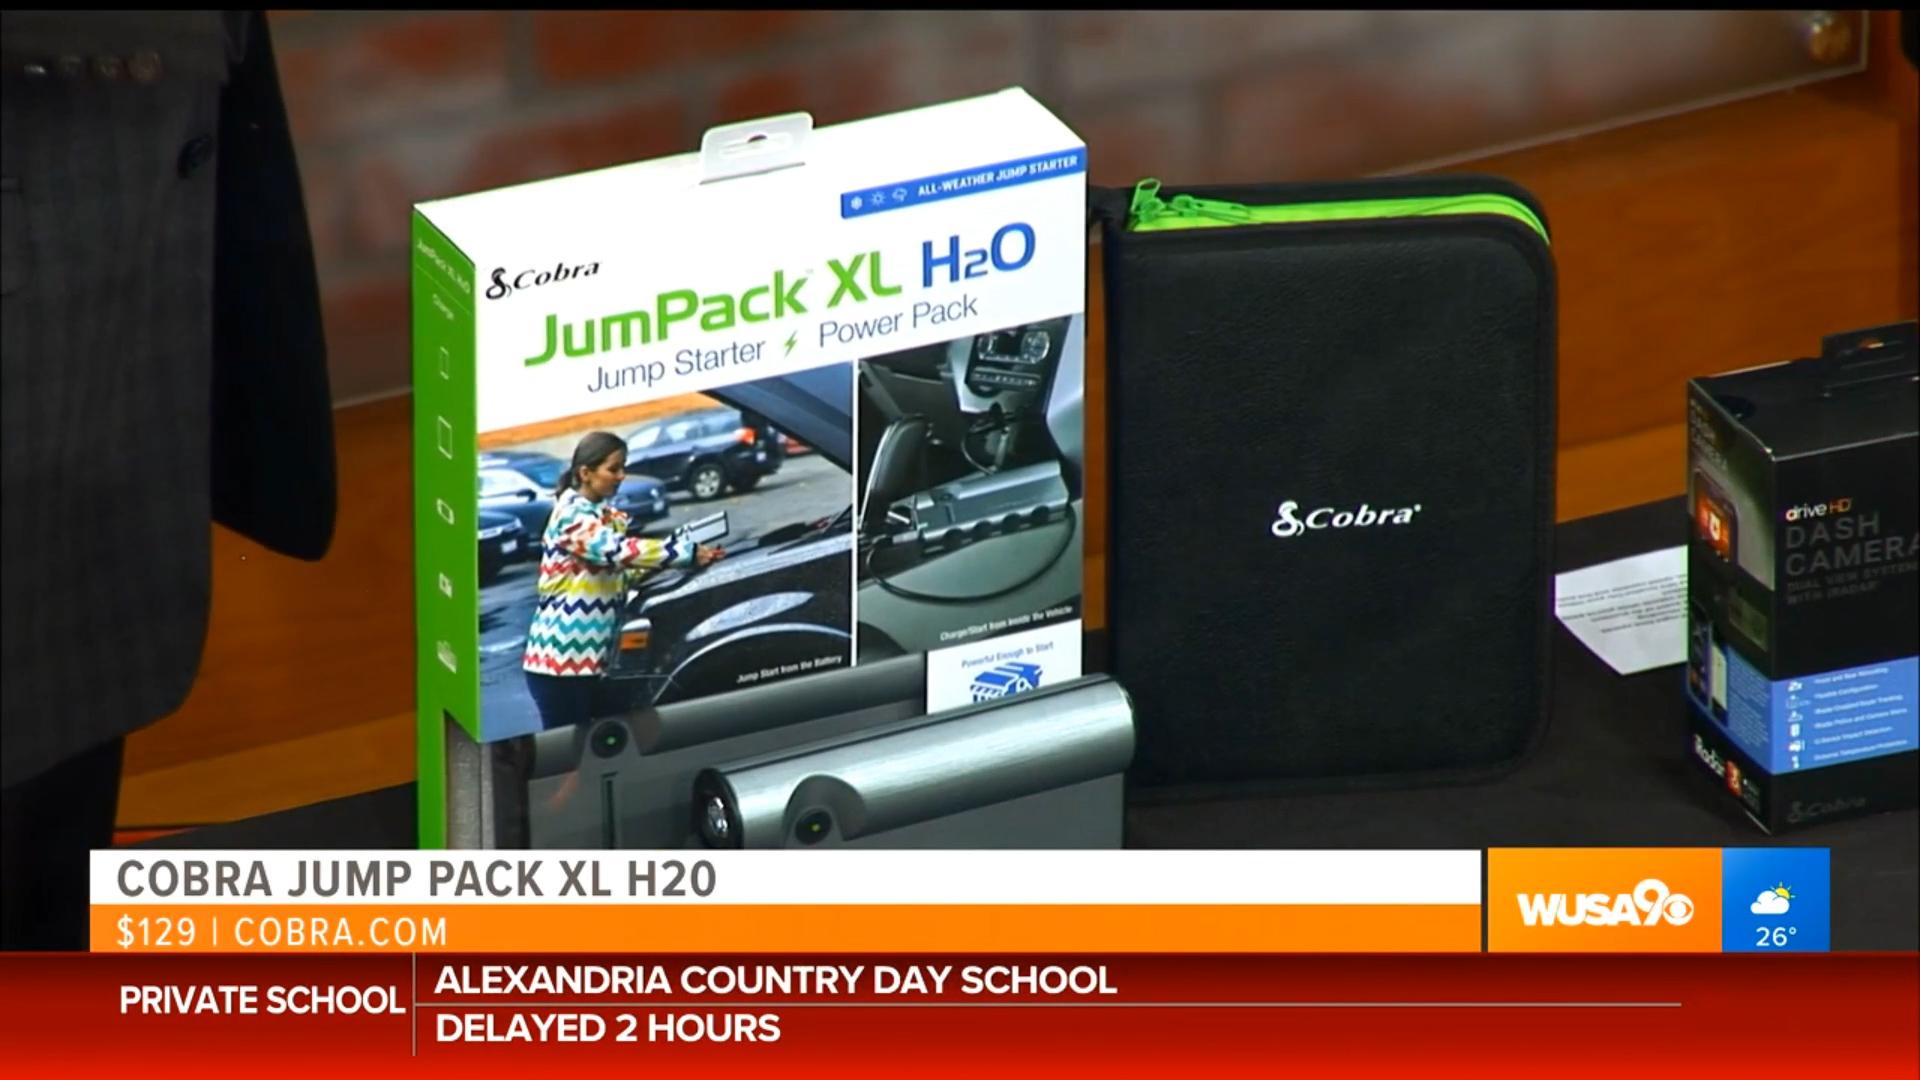 COBRA JUMP PACK XL H20 - $129.00Shop Now